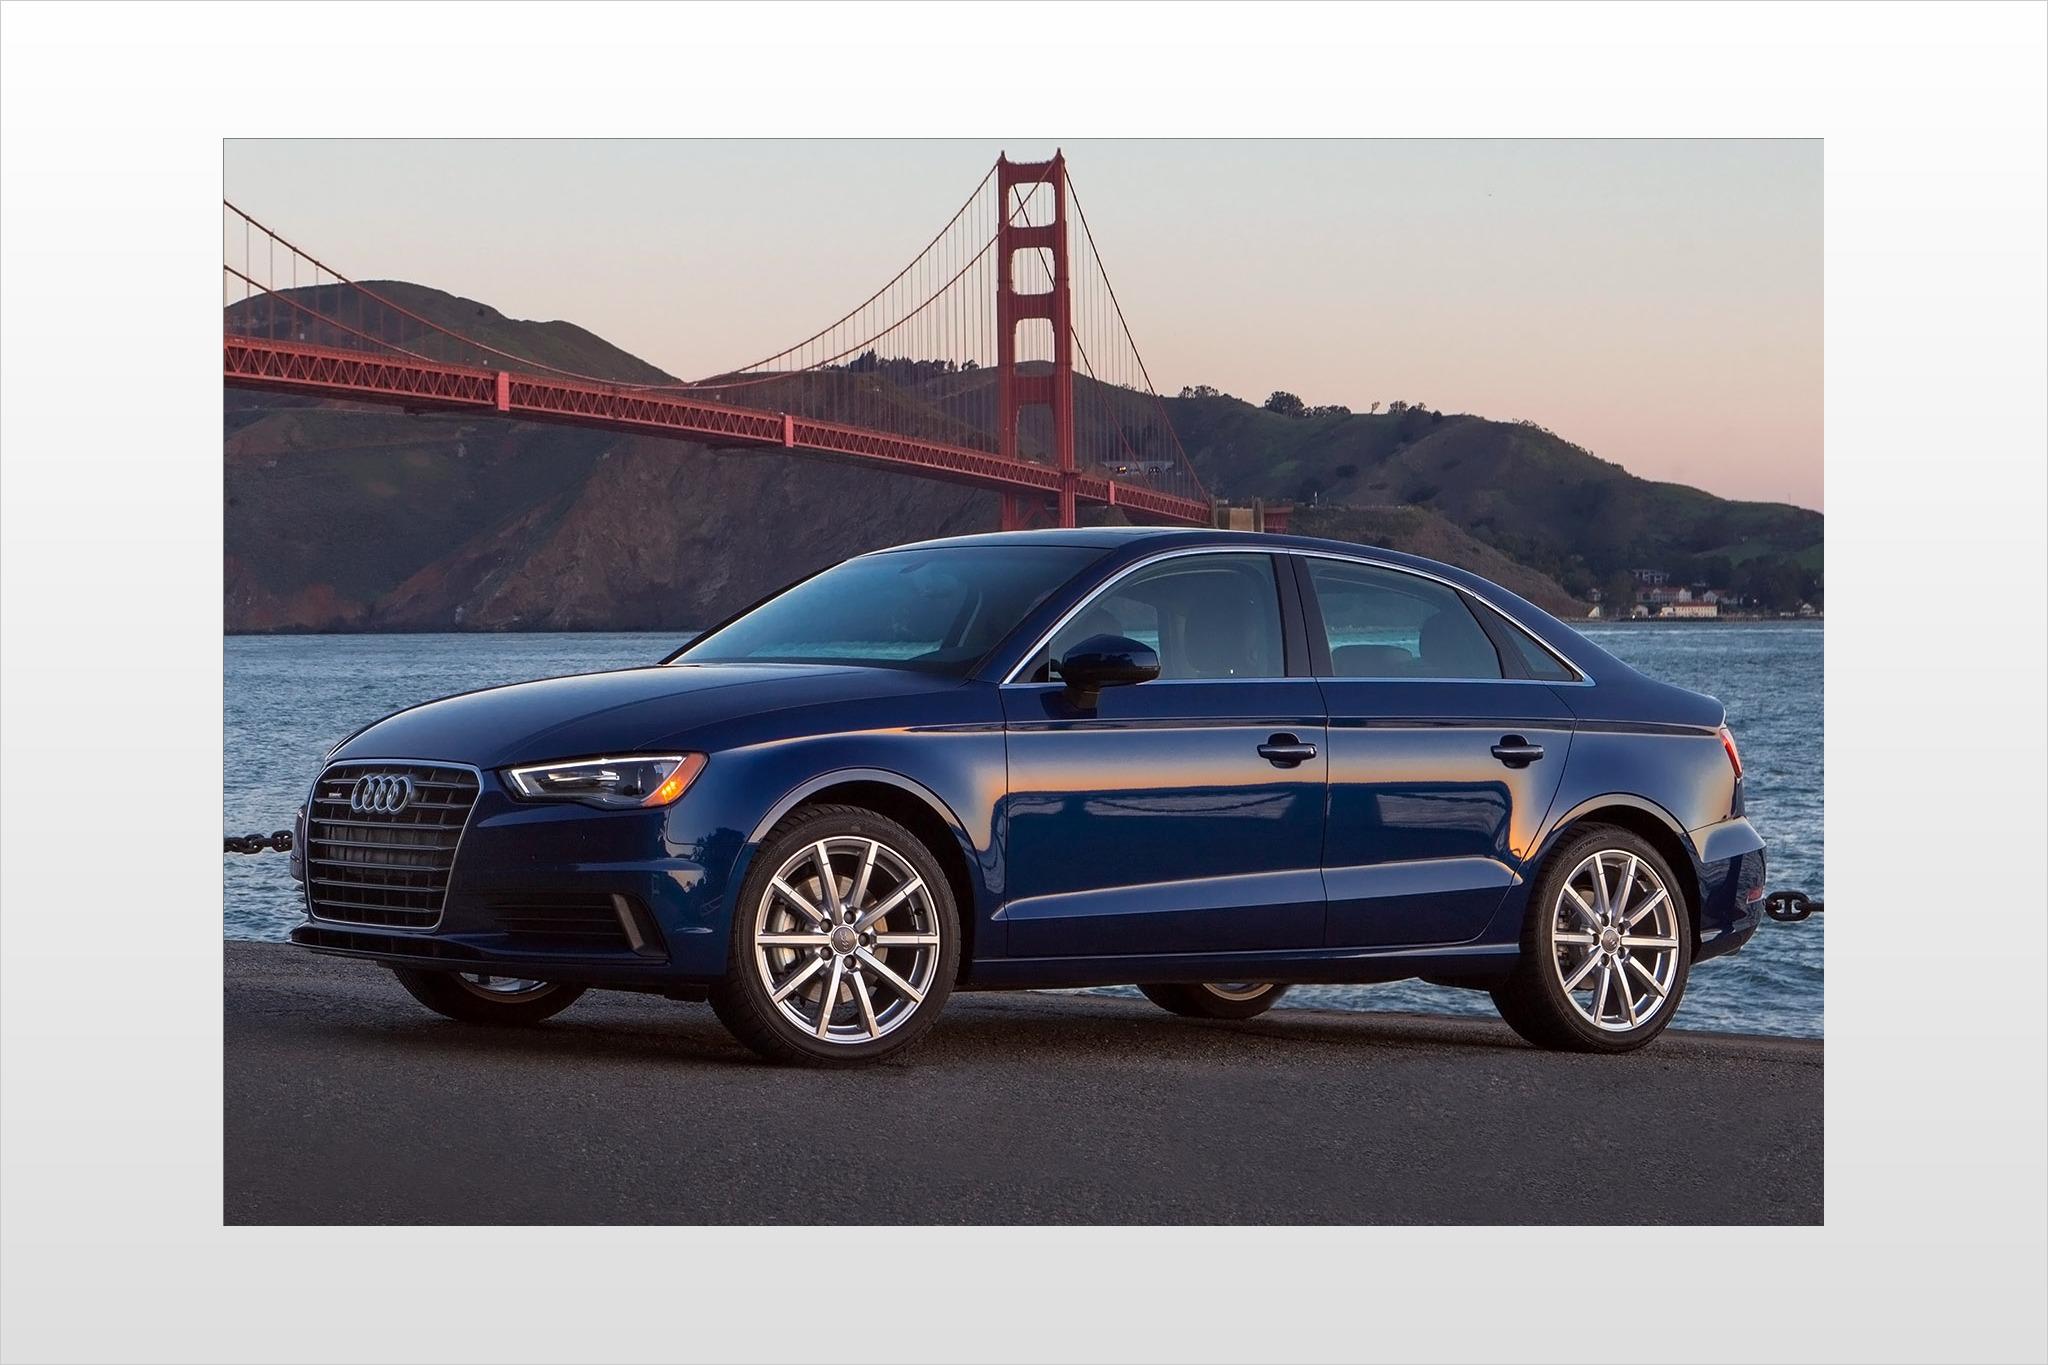 2015 audi a3 sedan 20 tfsi premium plus quattro fq oem 1 2048